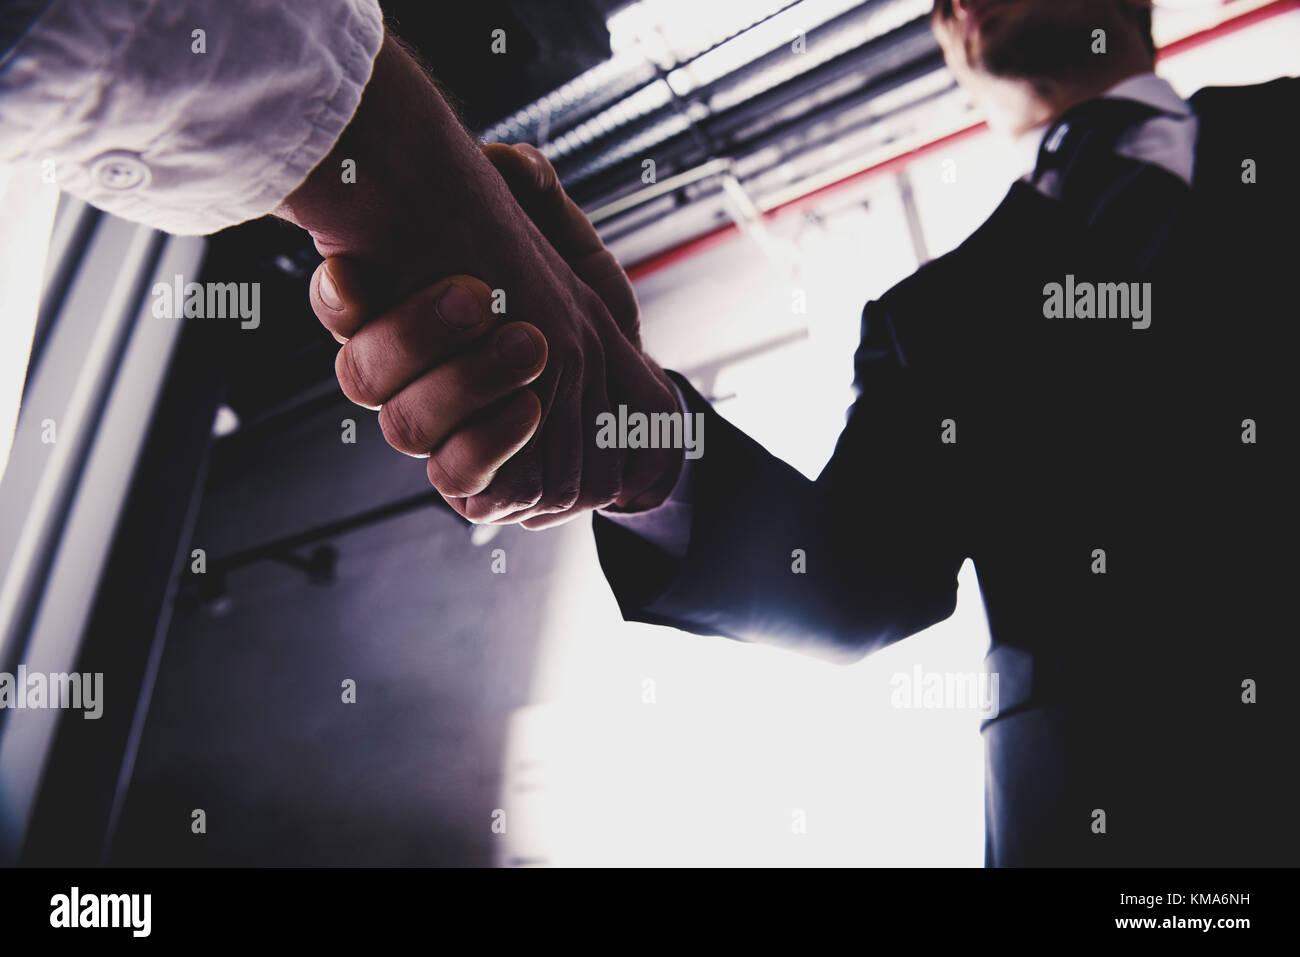 Handshaking persona de negocios en la oficina. El concepto de trabajo en equipo y colaboración Imagen De Stock